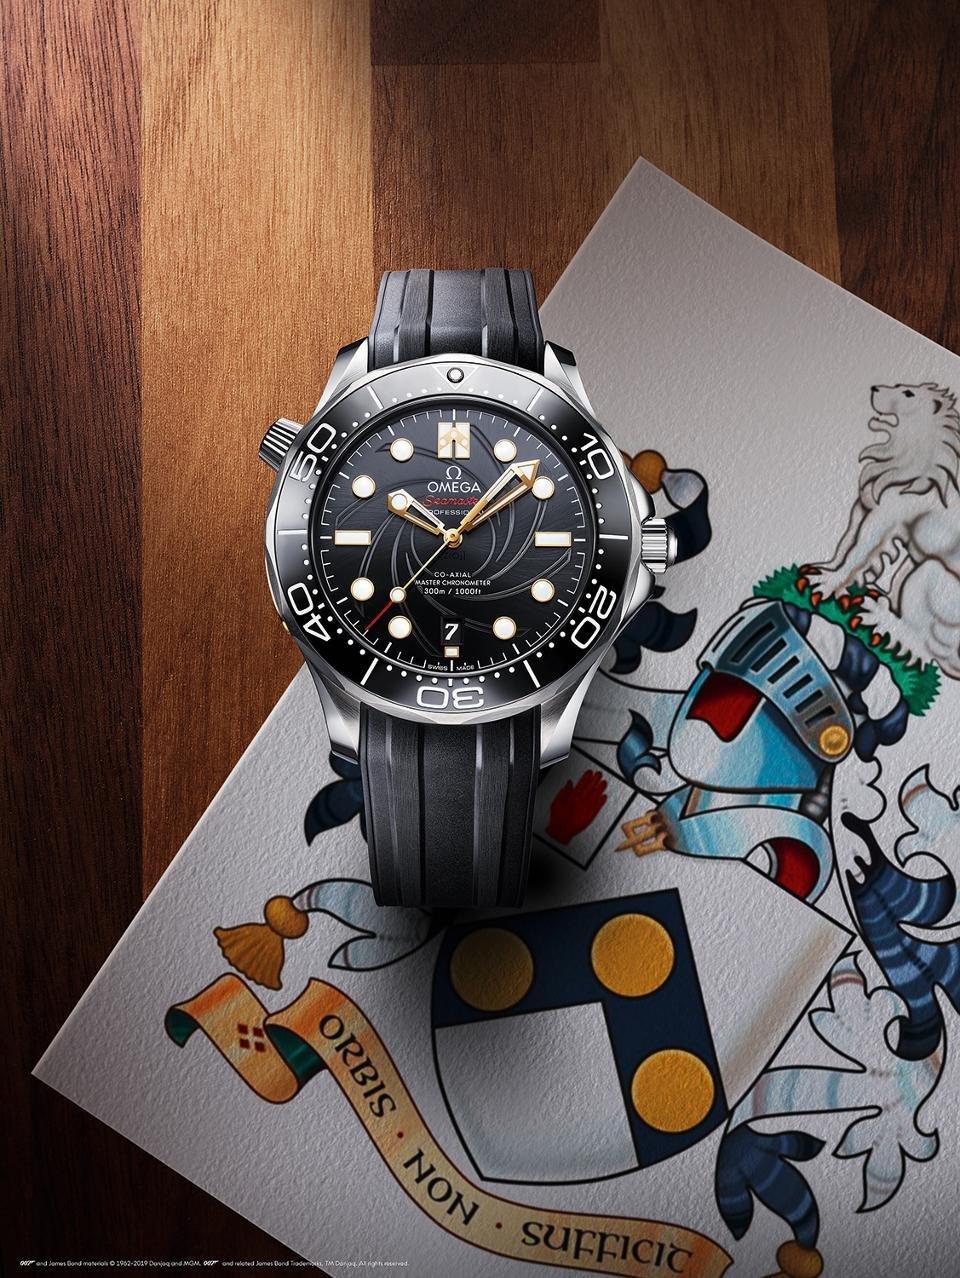 Relógio Omega: homenagem a filme da franquia 007